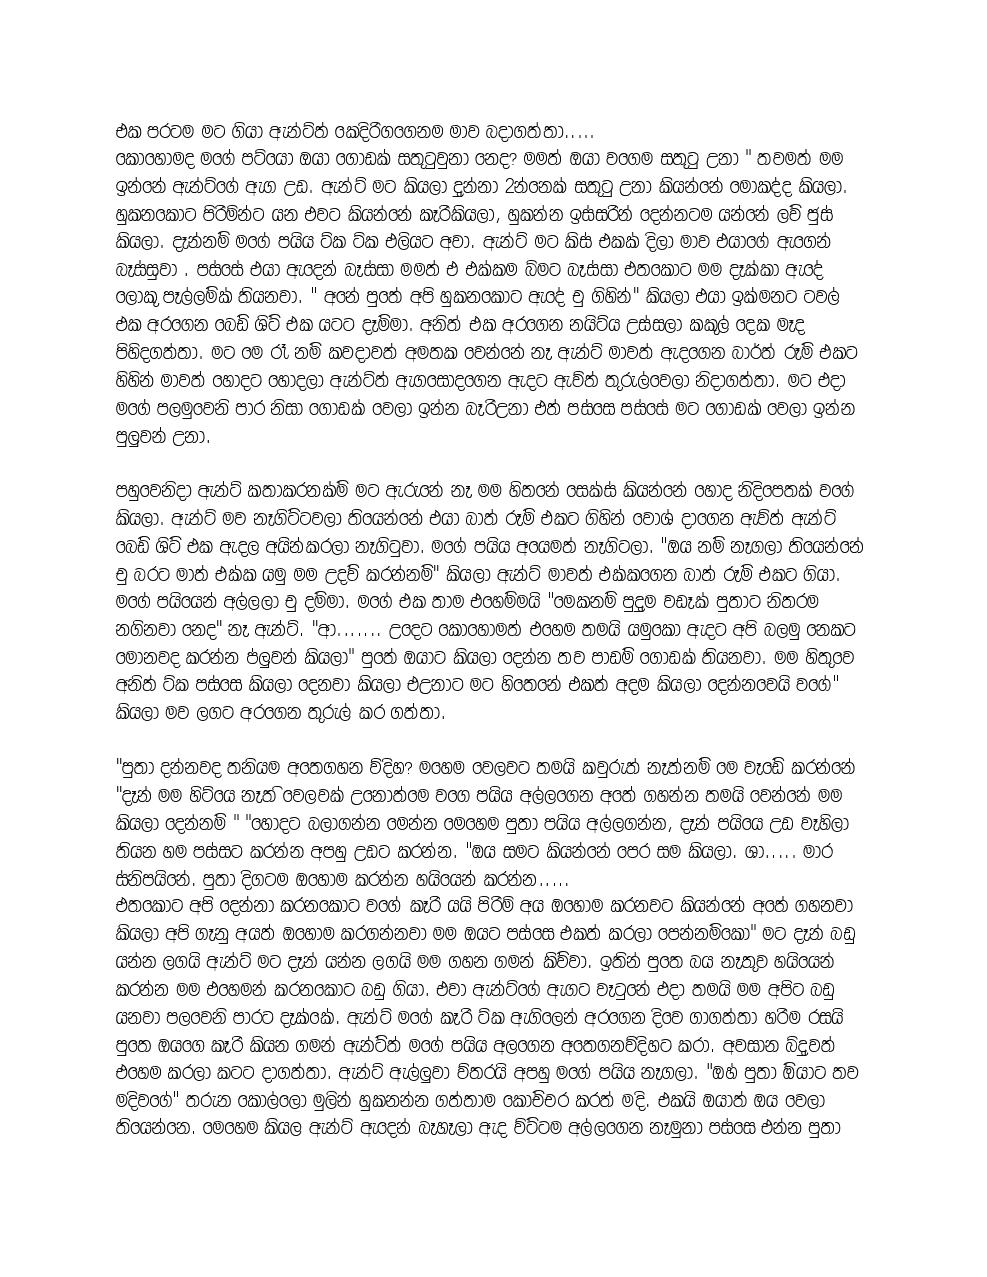 Sinhala wela katha and sinhala wal katha click for details